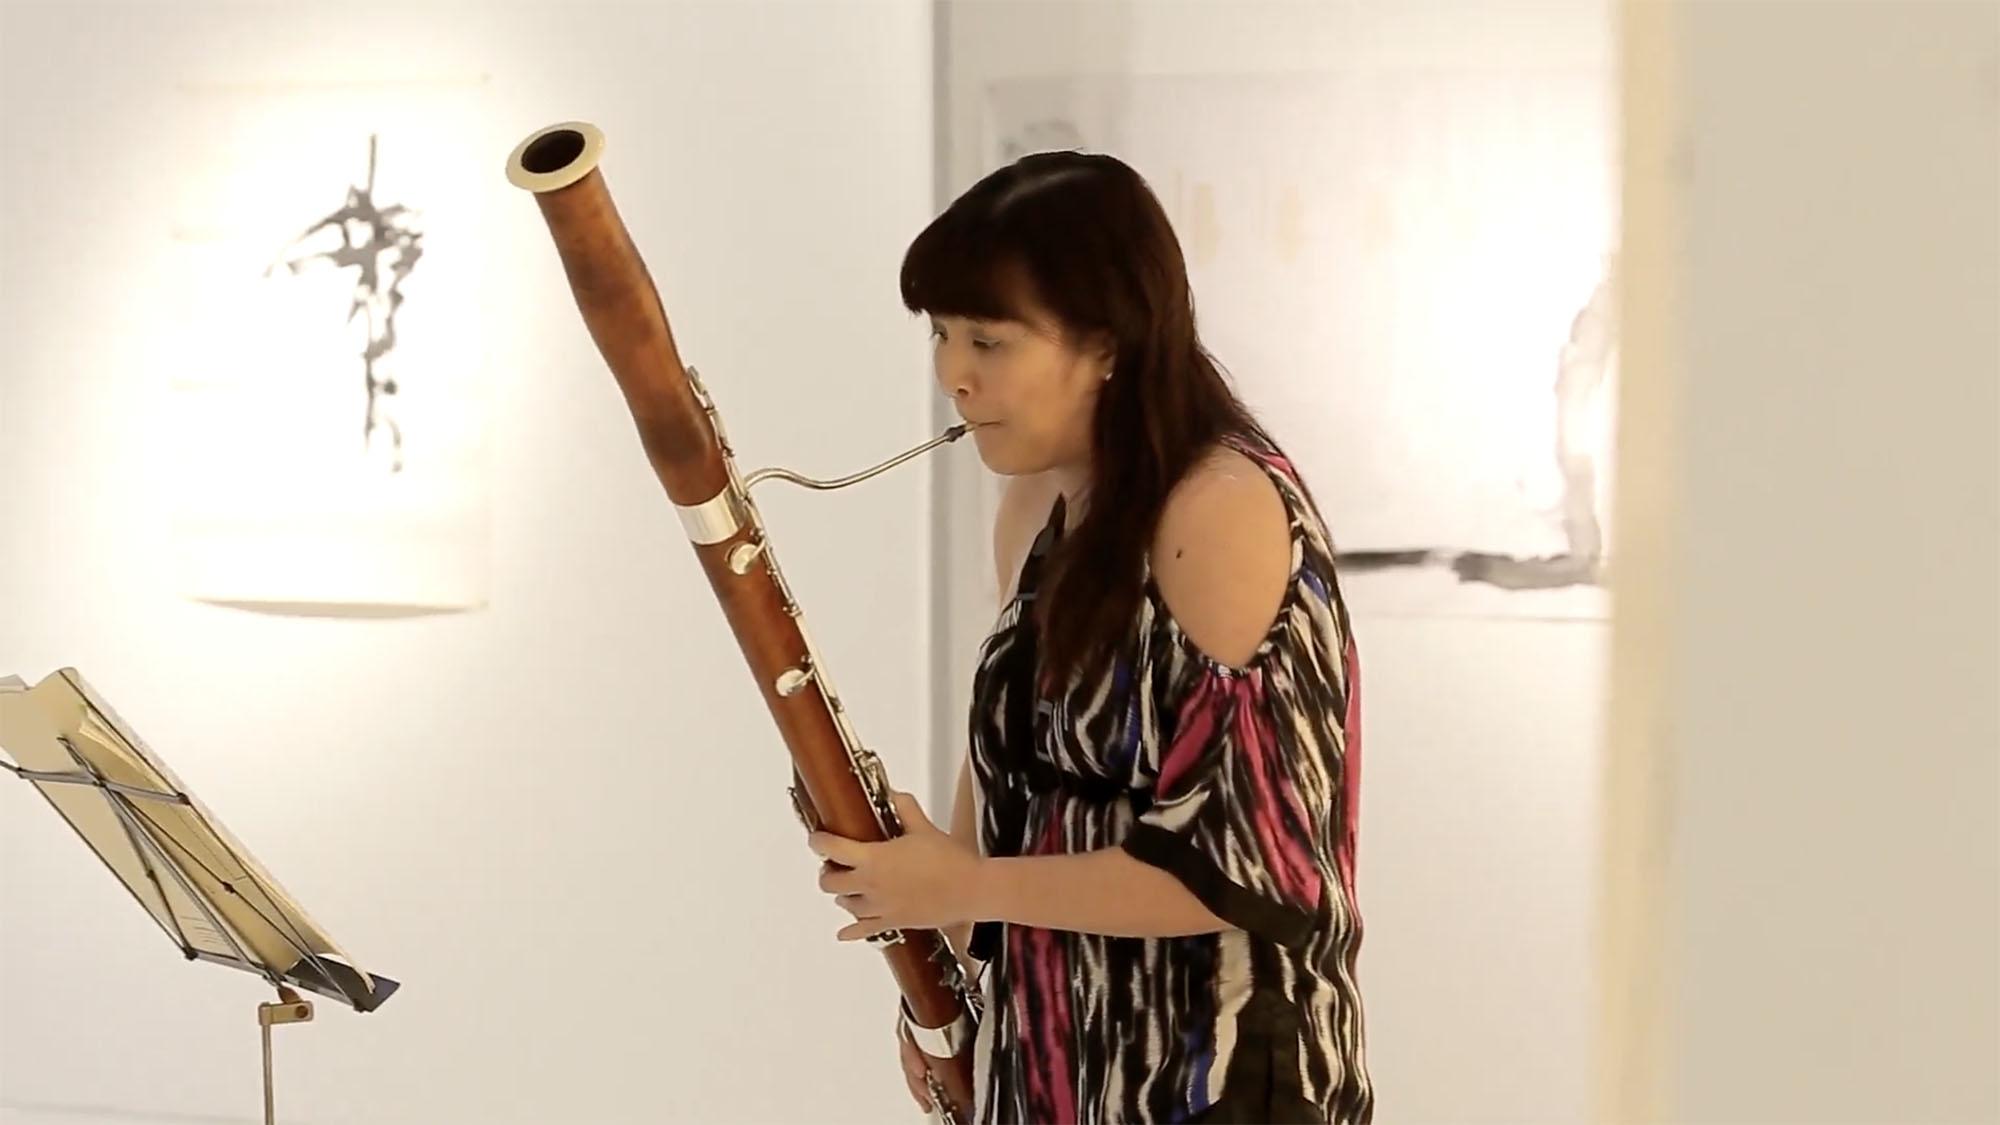 Performance by Jo Anne Sukumaran